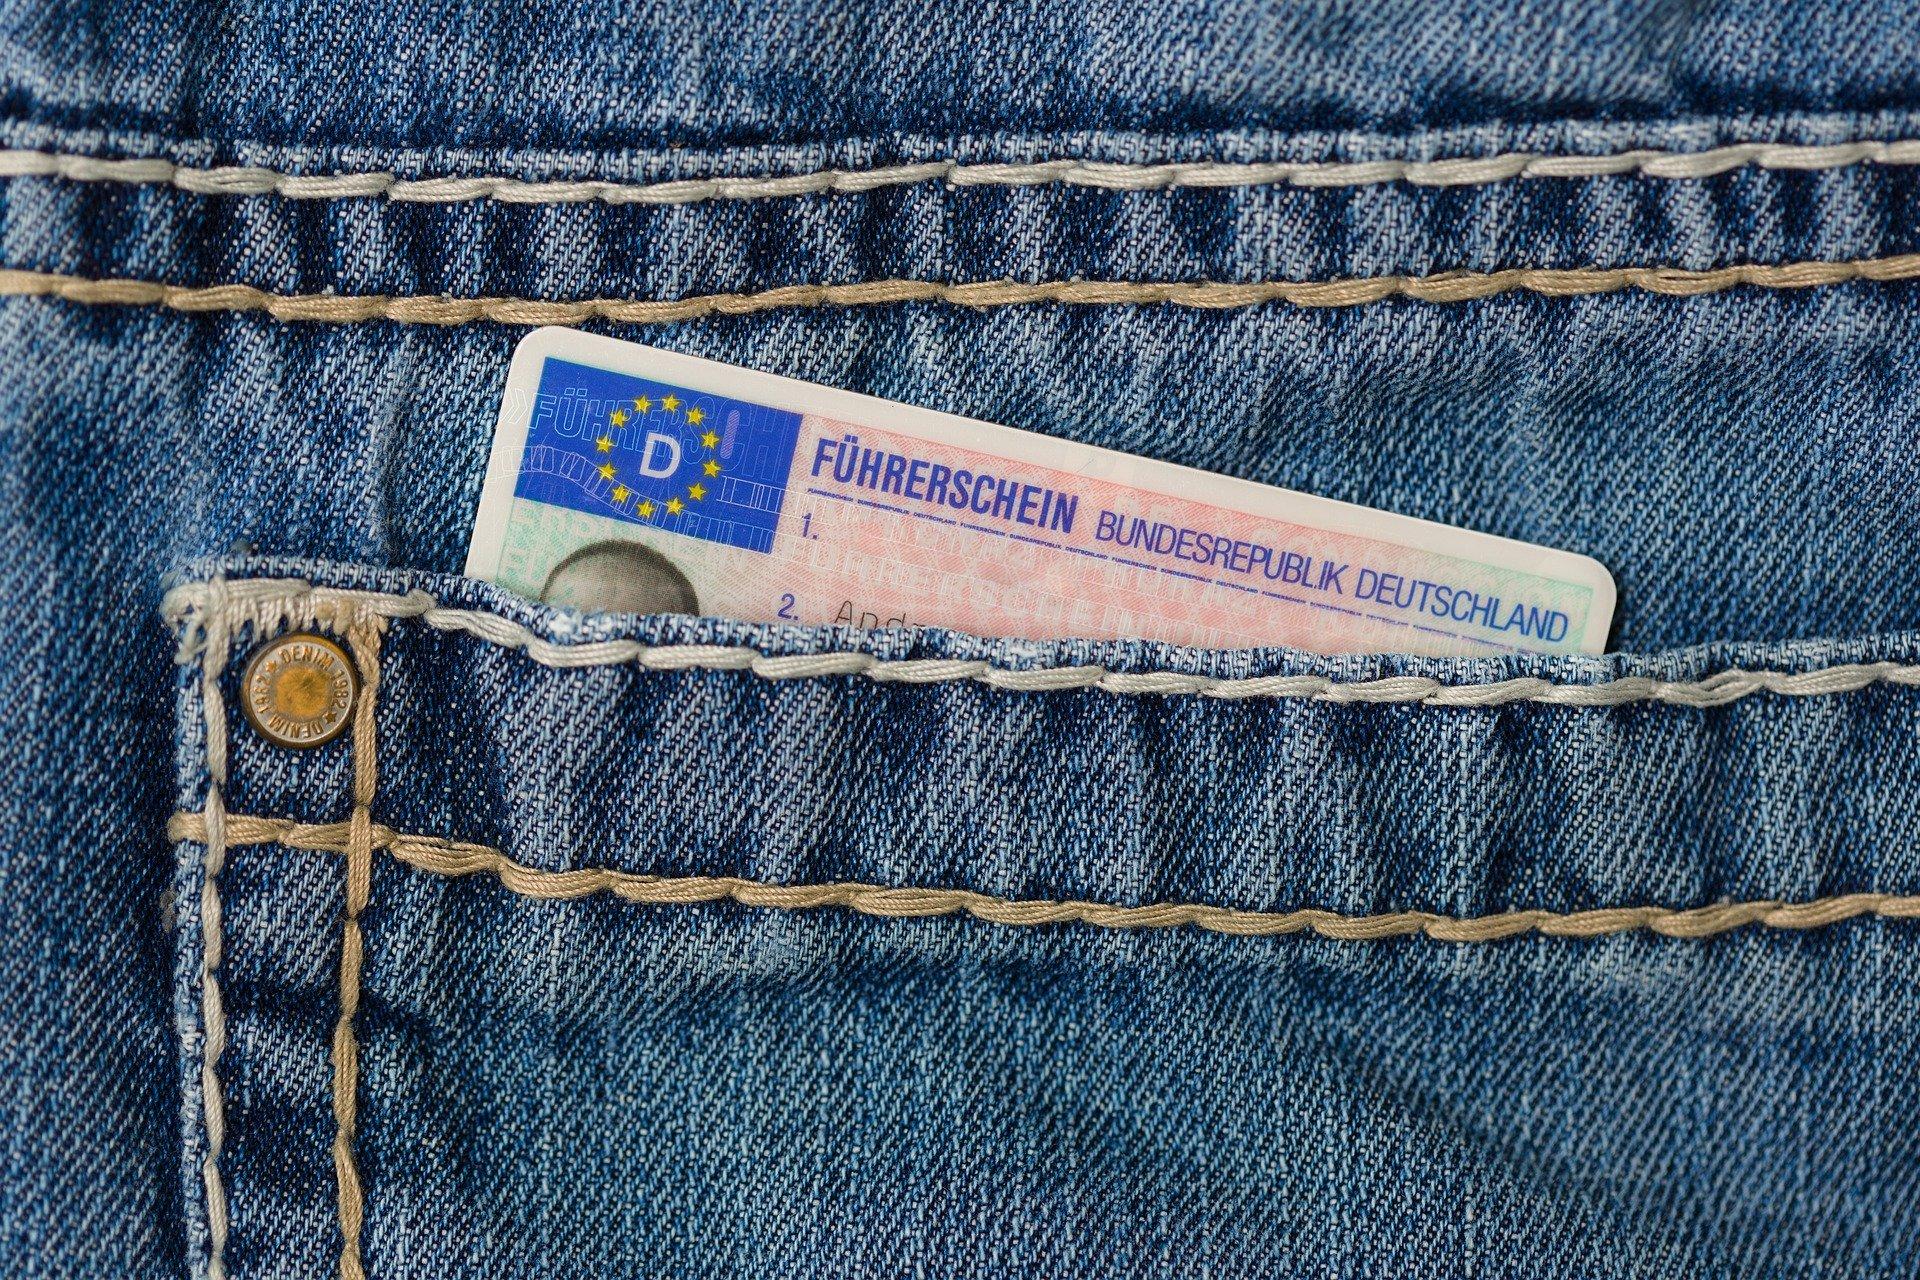 デュッセルドルフ駐在でEU運転免許証を手に入れる方法【完全編】